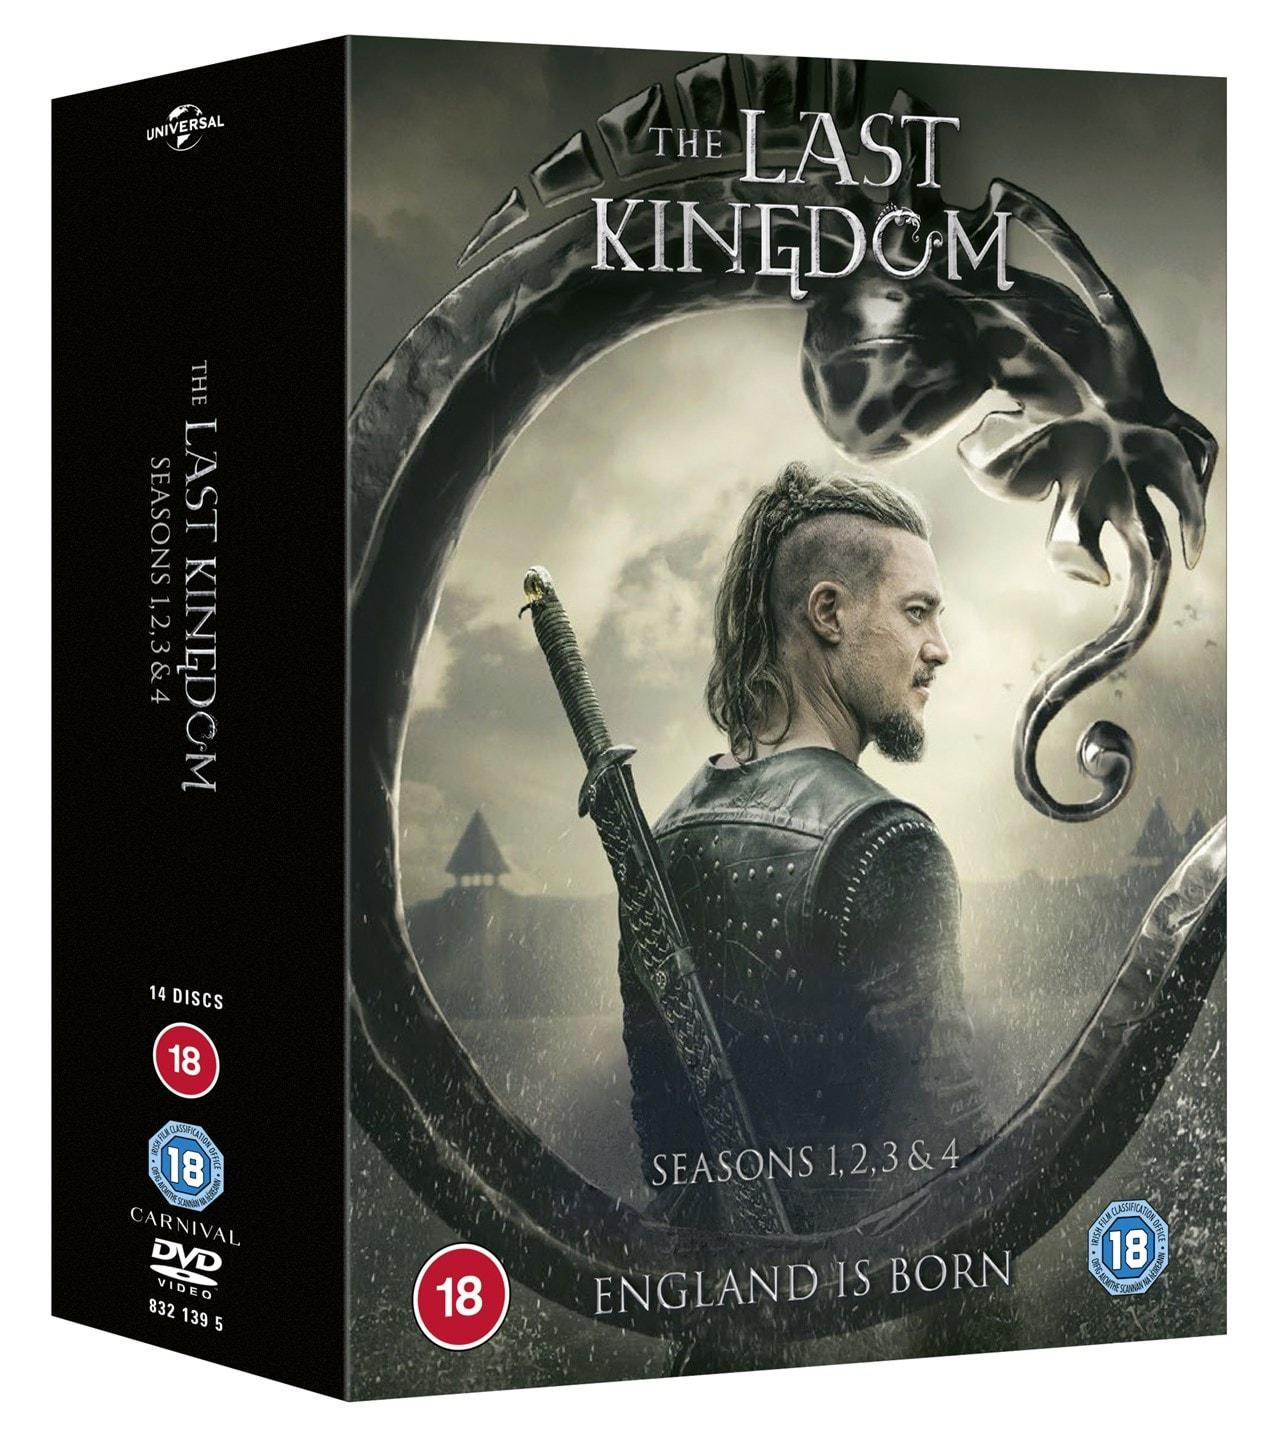 The Last Kingdom: Seasons 1, 2, 3 & 4 - 2